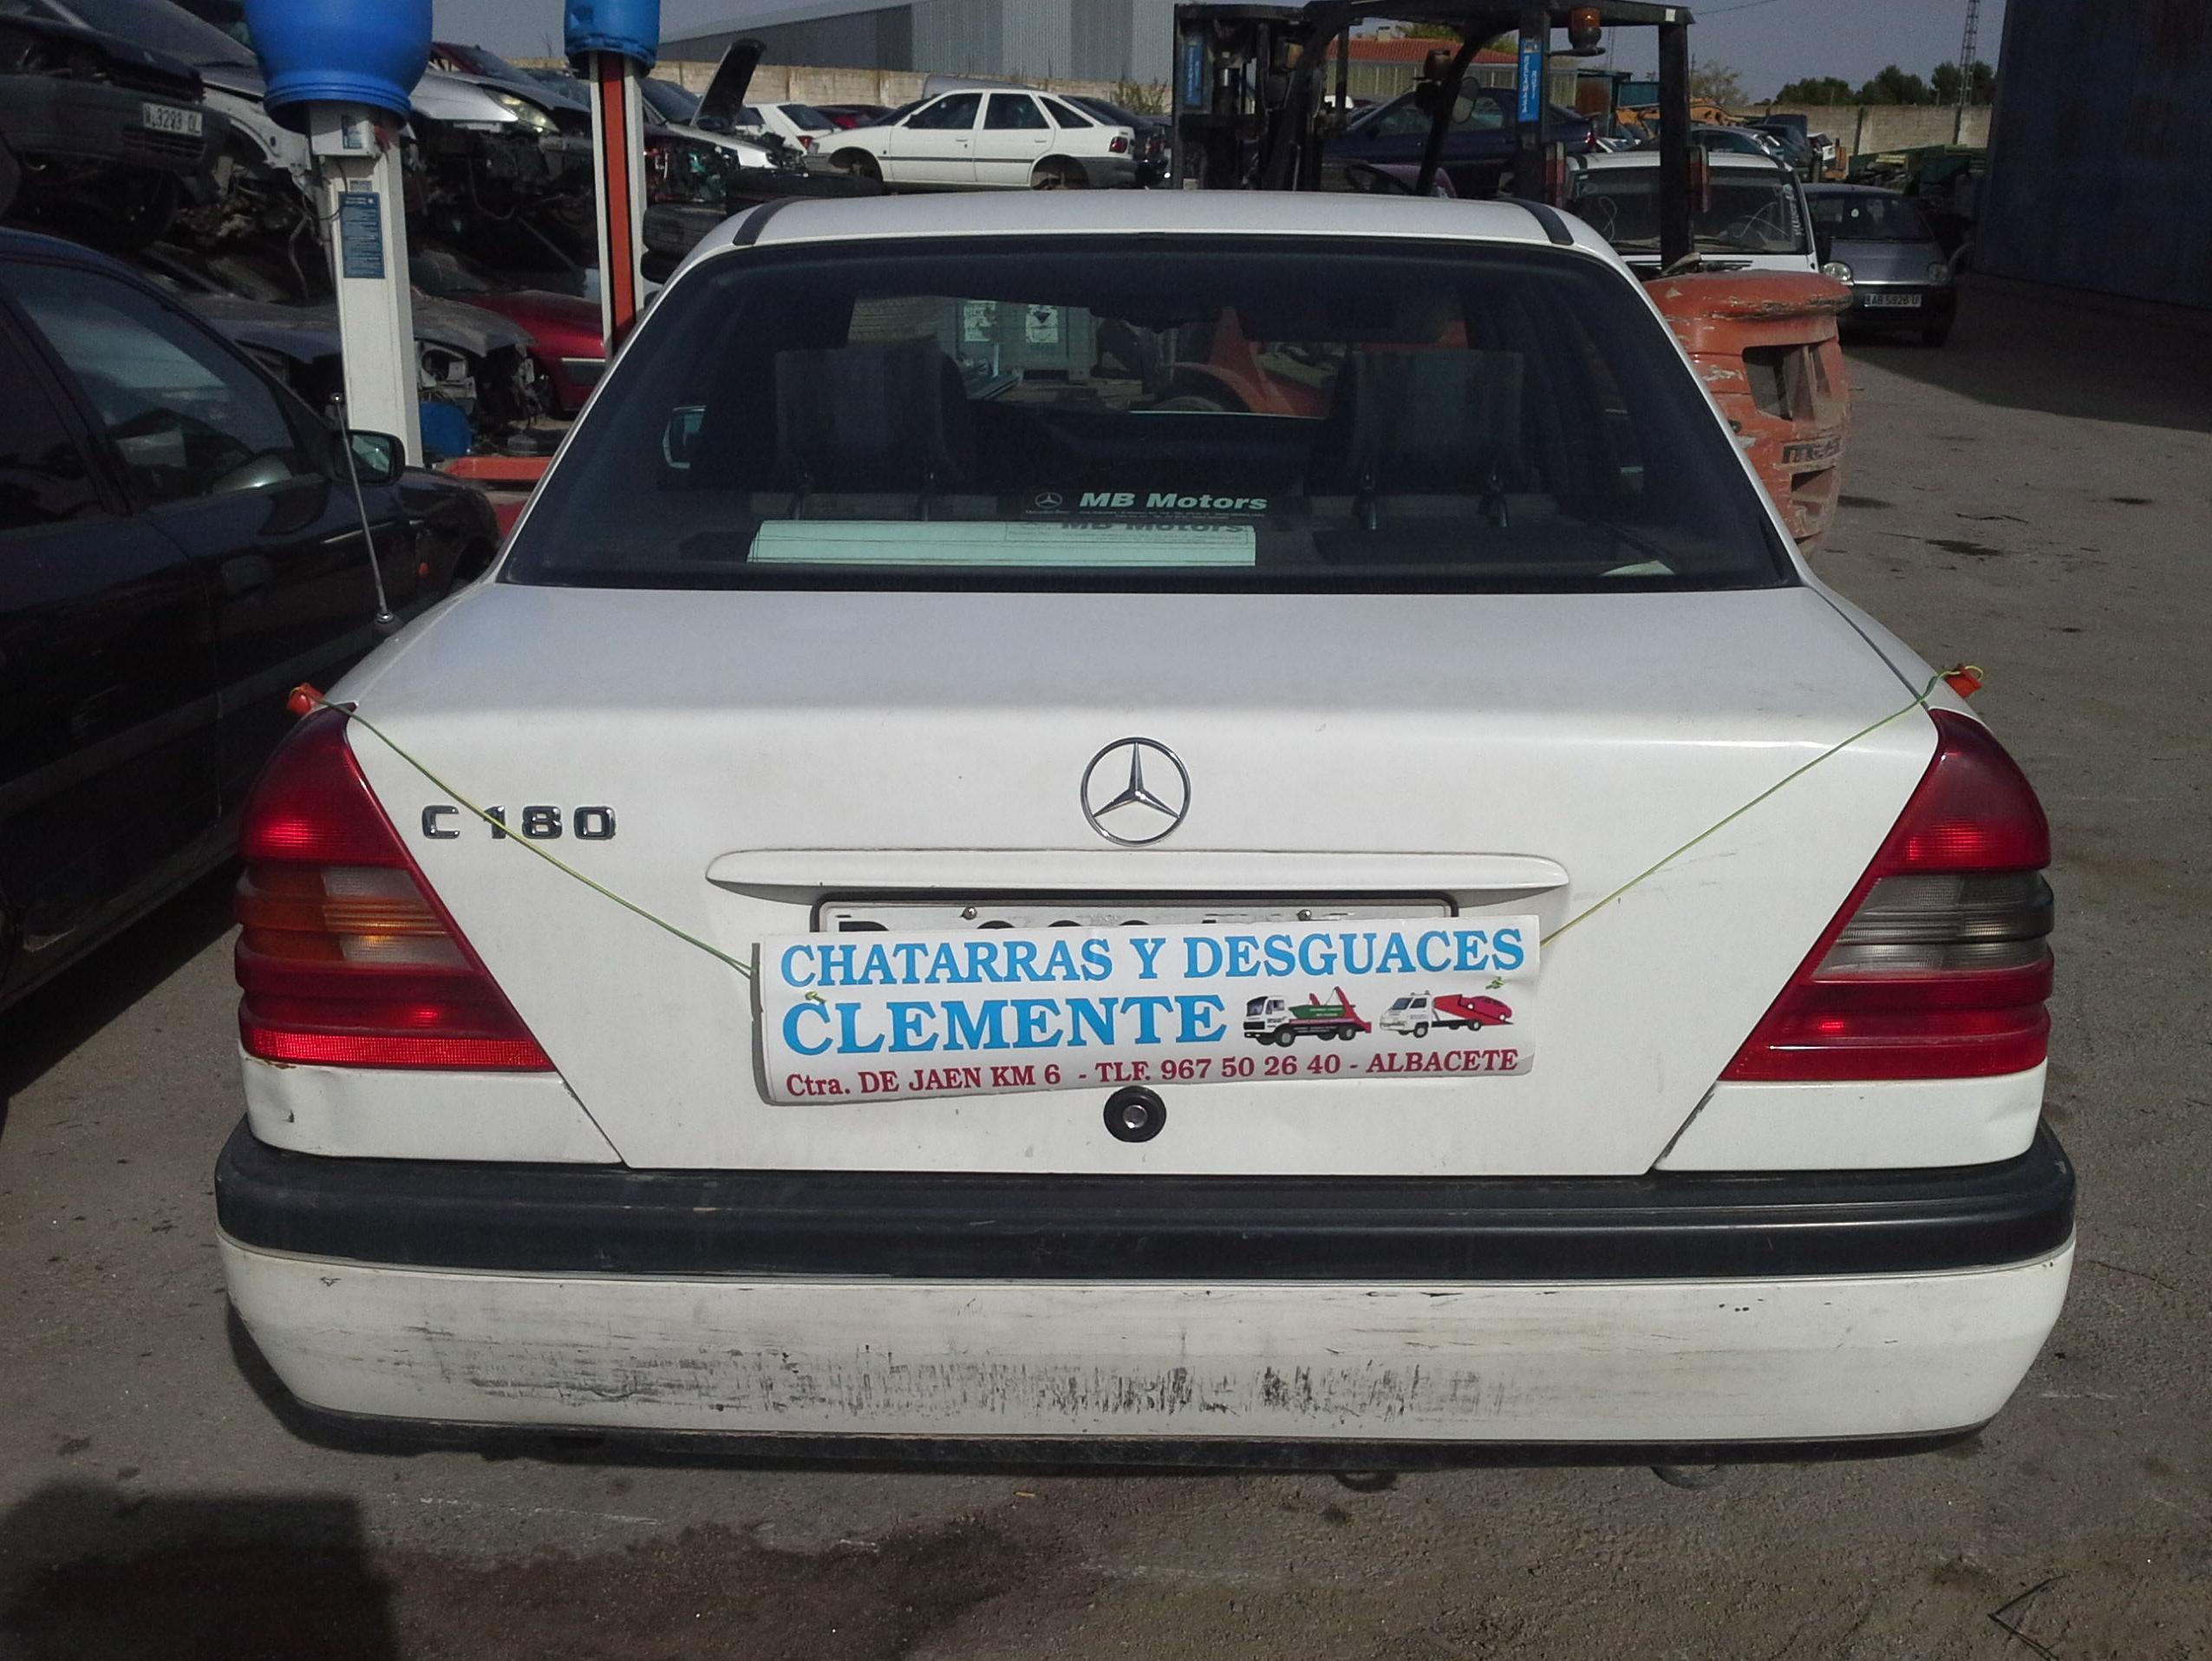 Mercedes C-180 para desguace en Desguaces Clemente de Albacete